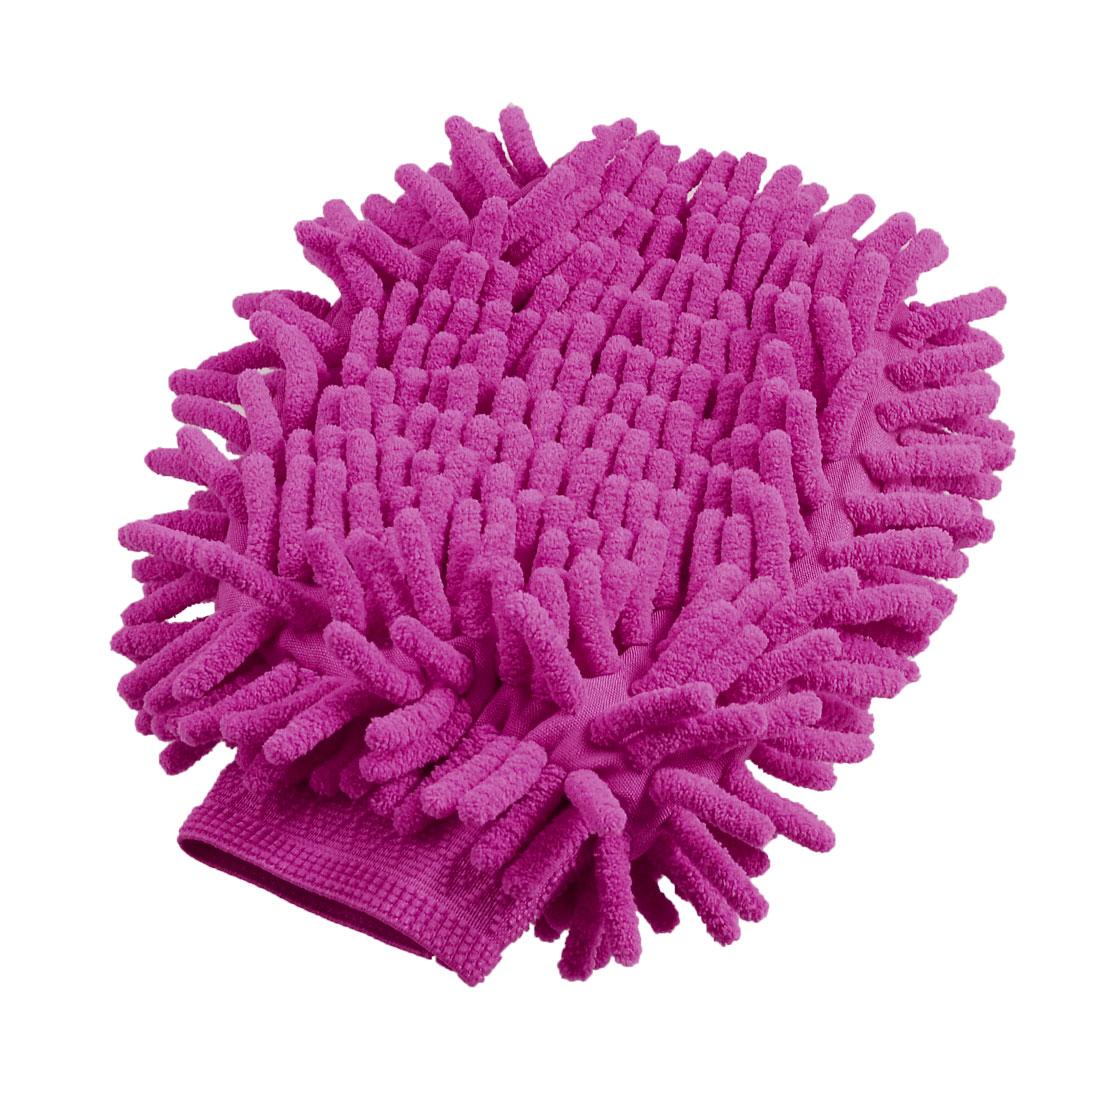 Auto Elastic Cuff Double Sides Microfiber Chenille Mitt Clean Glove Fuchsia